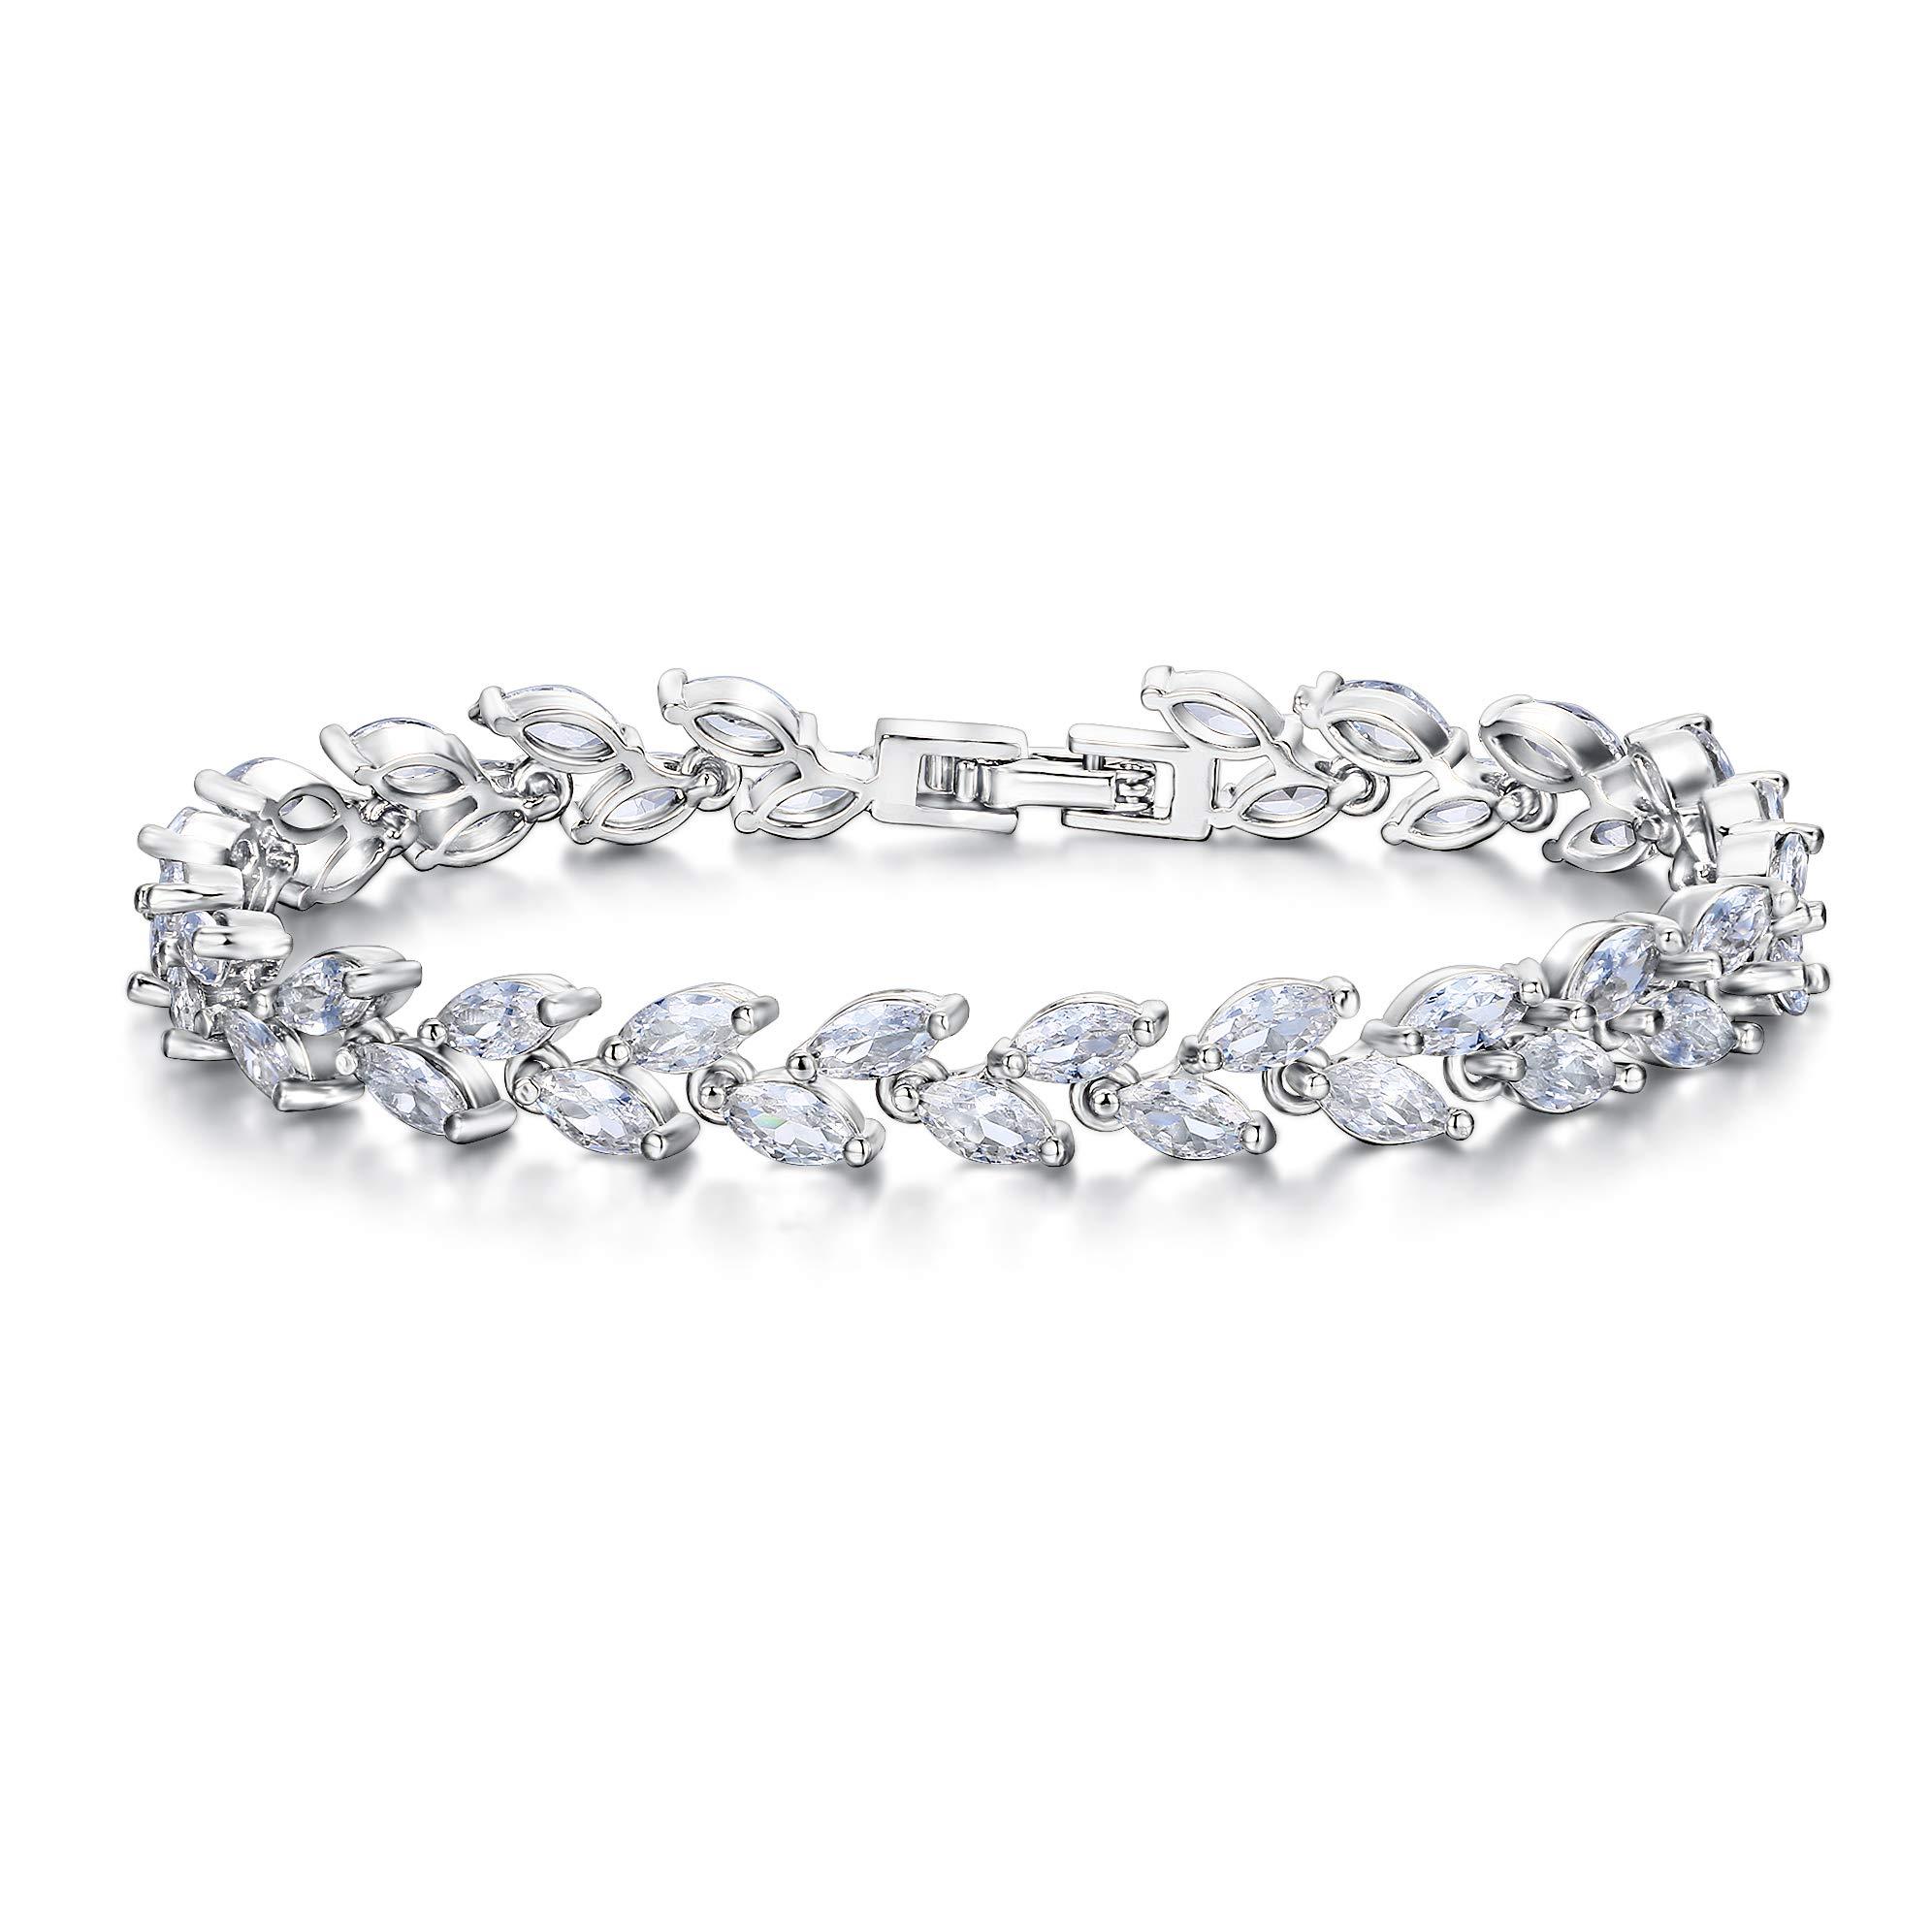 EVER FAITH Silver-Tone Zircon Wedding 2 Layers Small Leaf Roman Tennis Bracelet Clear by EVER FAITH